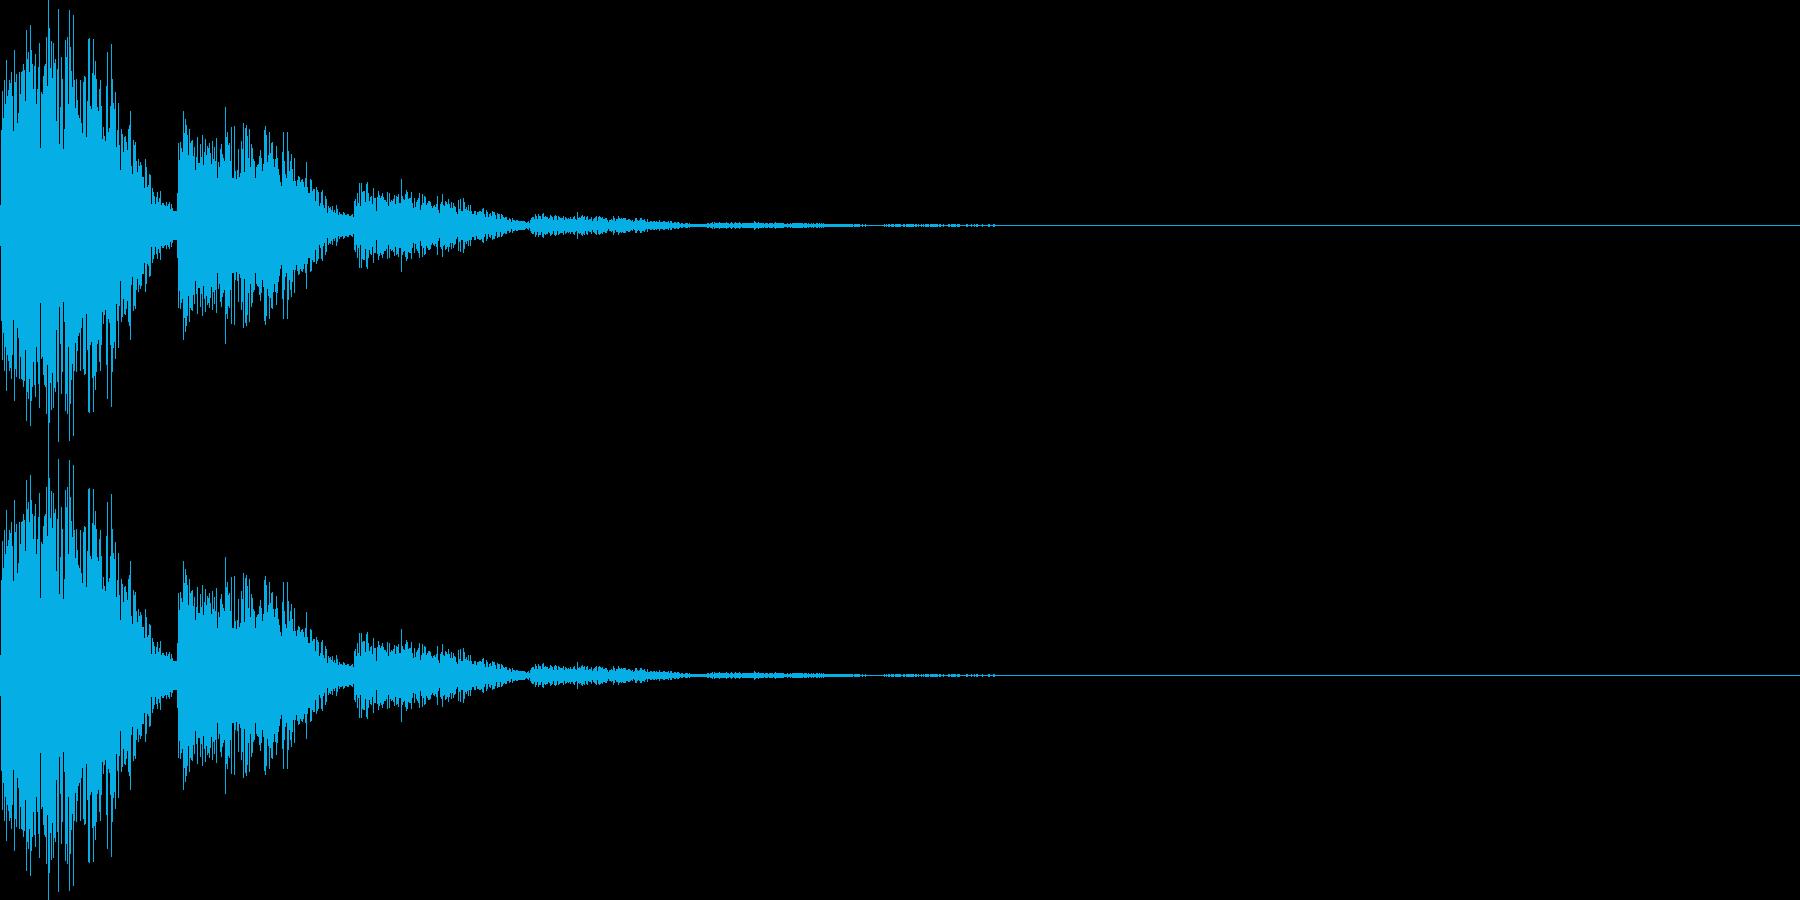 ビビ(キャンセル、ミス、失敗)の再生済みの波形